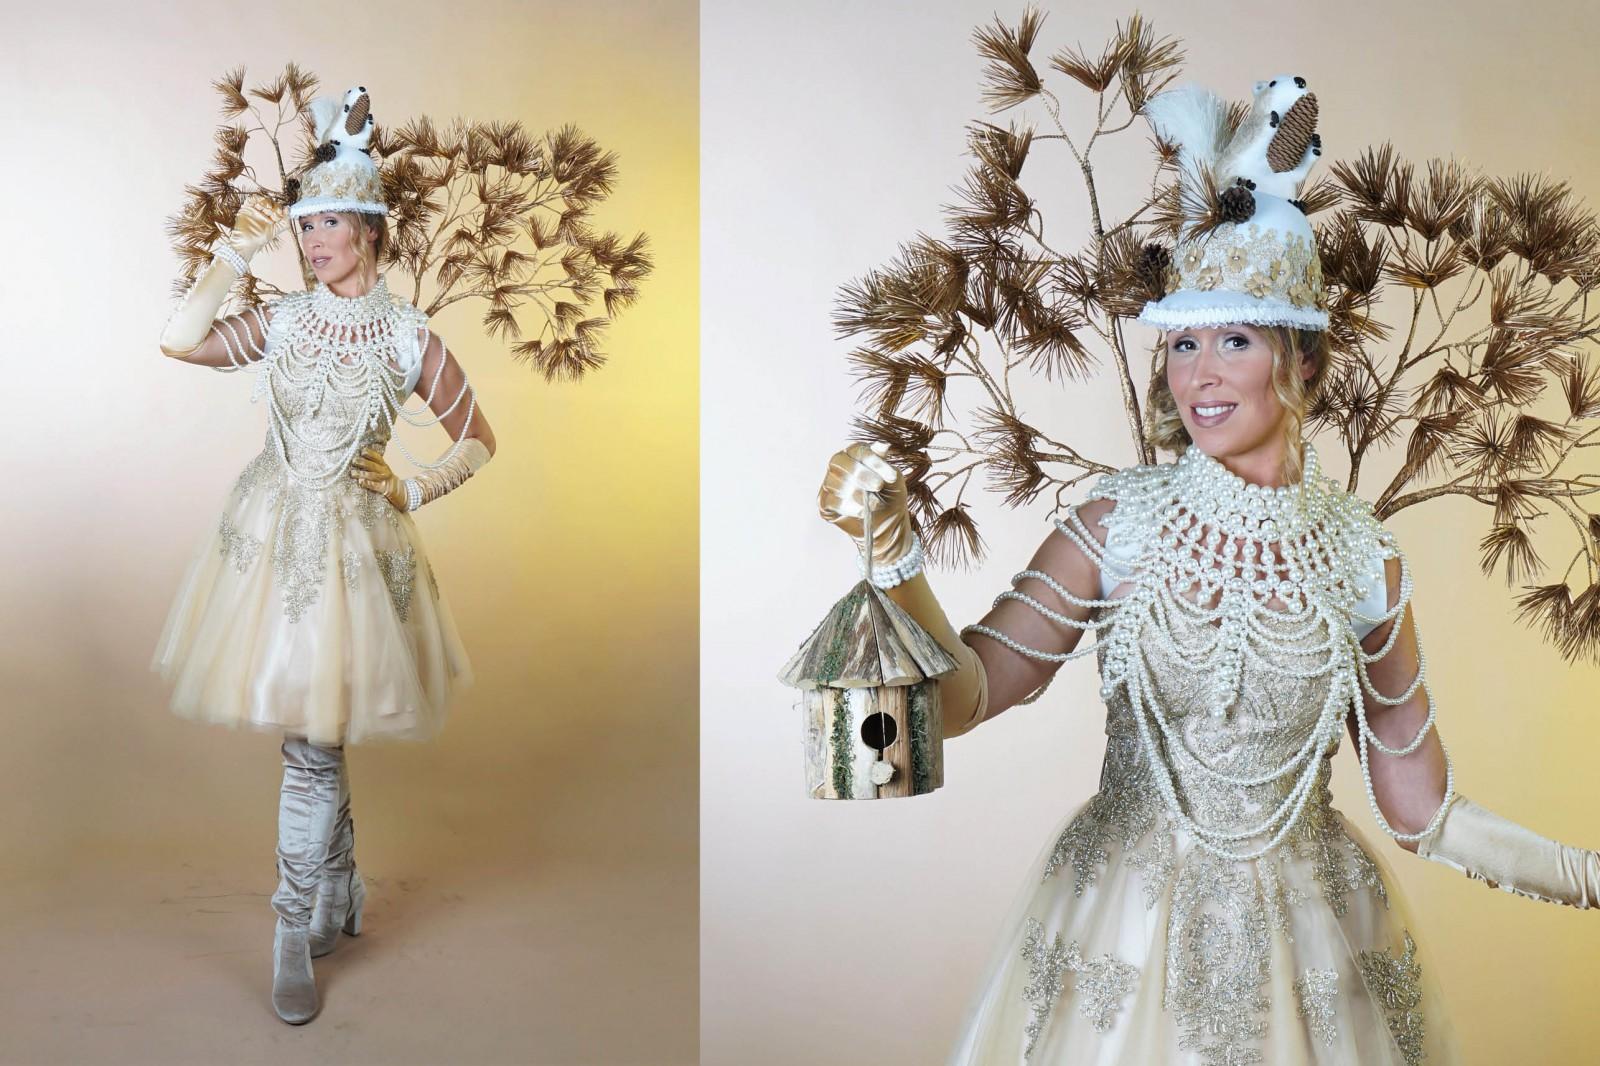 Herfstdames, herfst kostuum, luxe goud parels, autumn, herfstlook